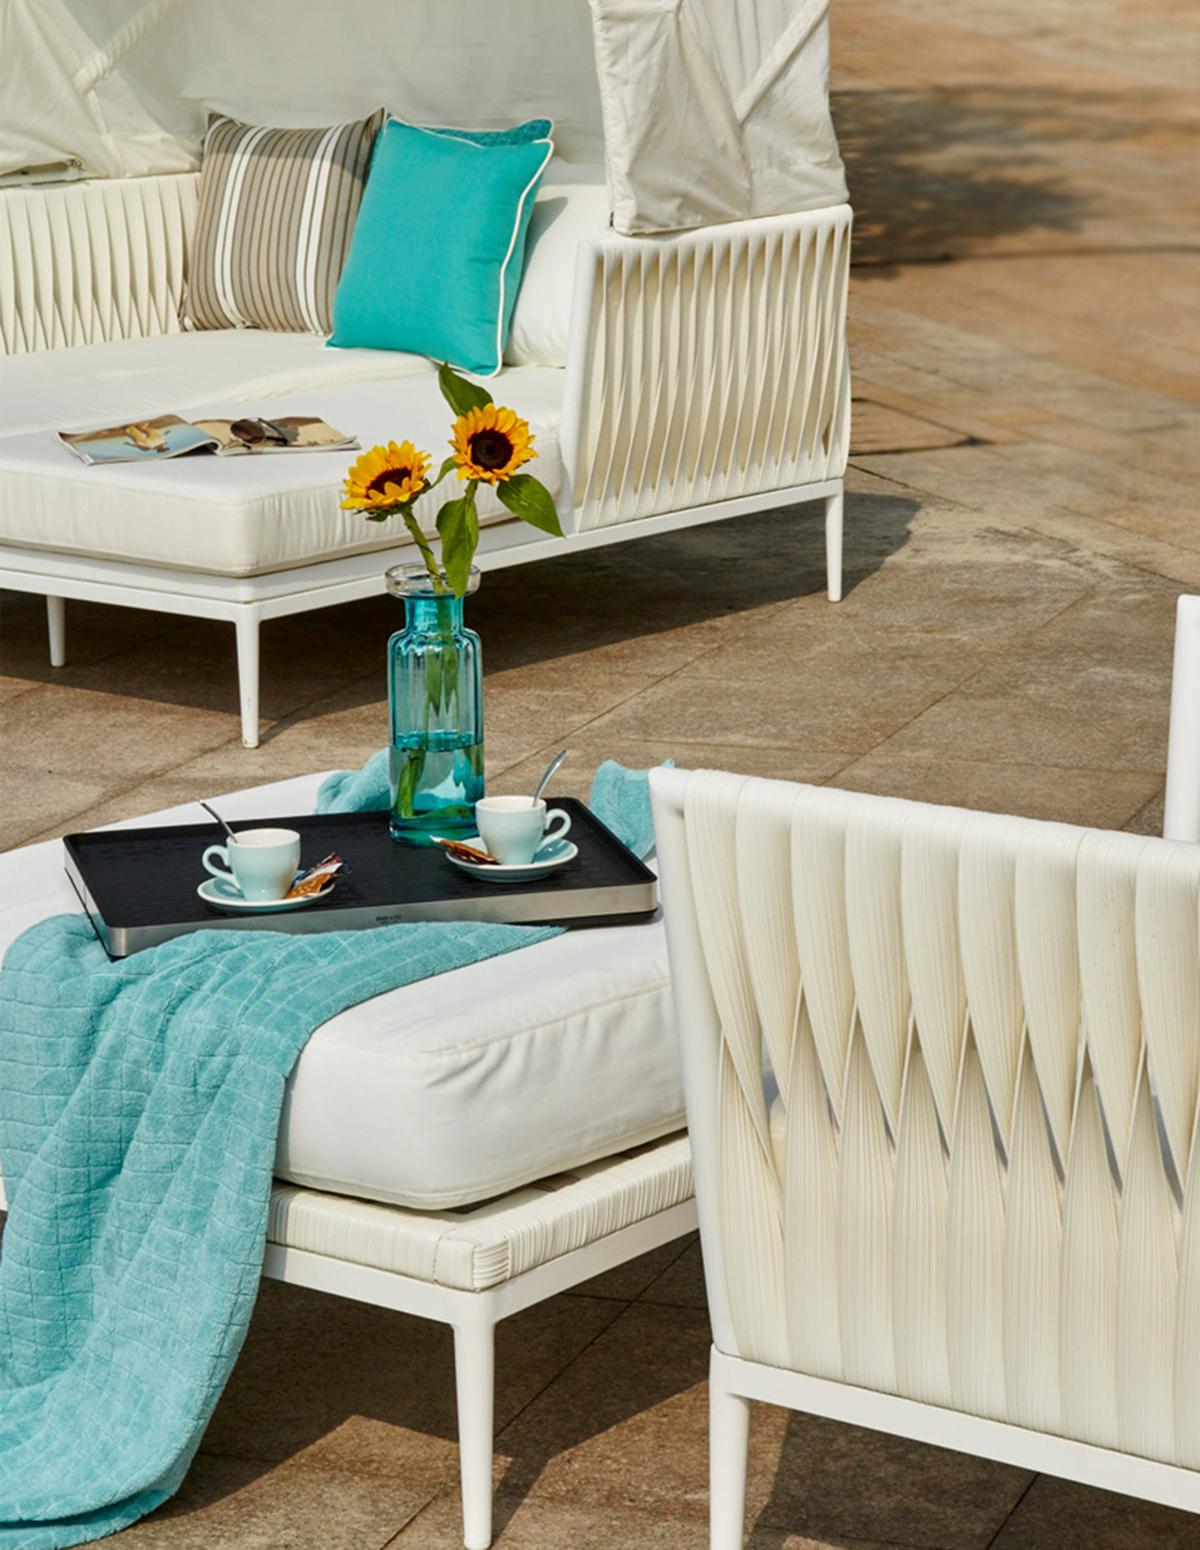 CASABLANCA DAY-BED - Mobilier de jardin Meuble design Intérieur ...